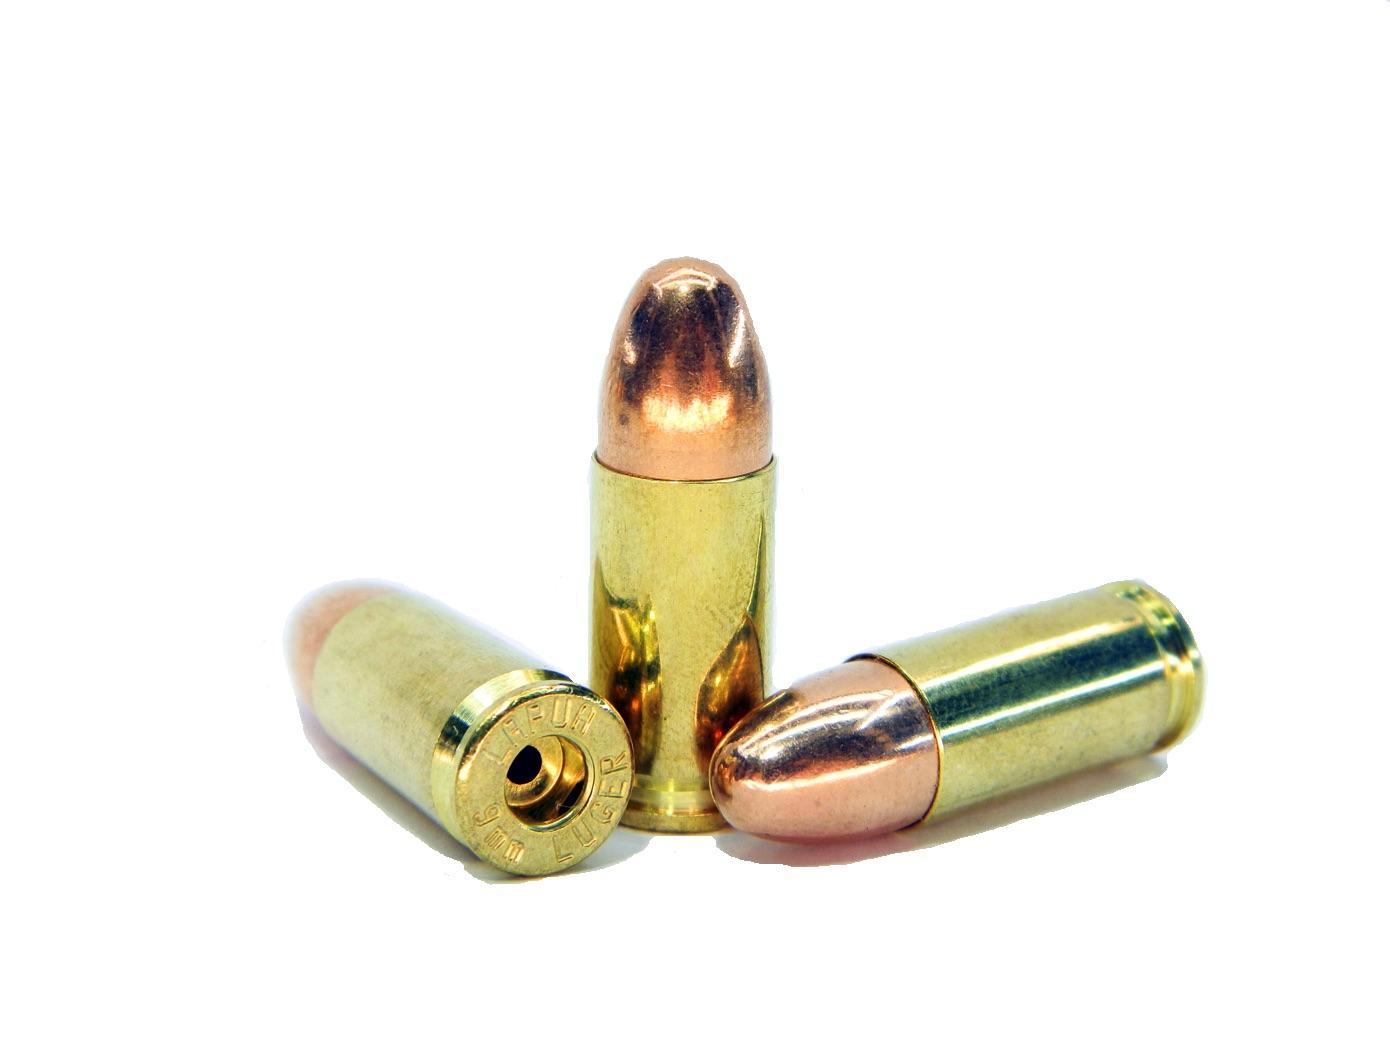 Макет патрона 9mm Luger для пистолета Luger P08, Beretta 92 и многих других